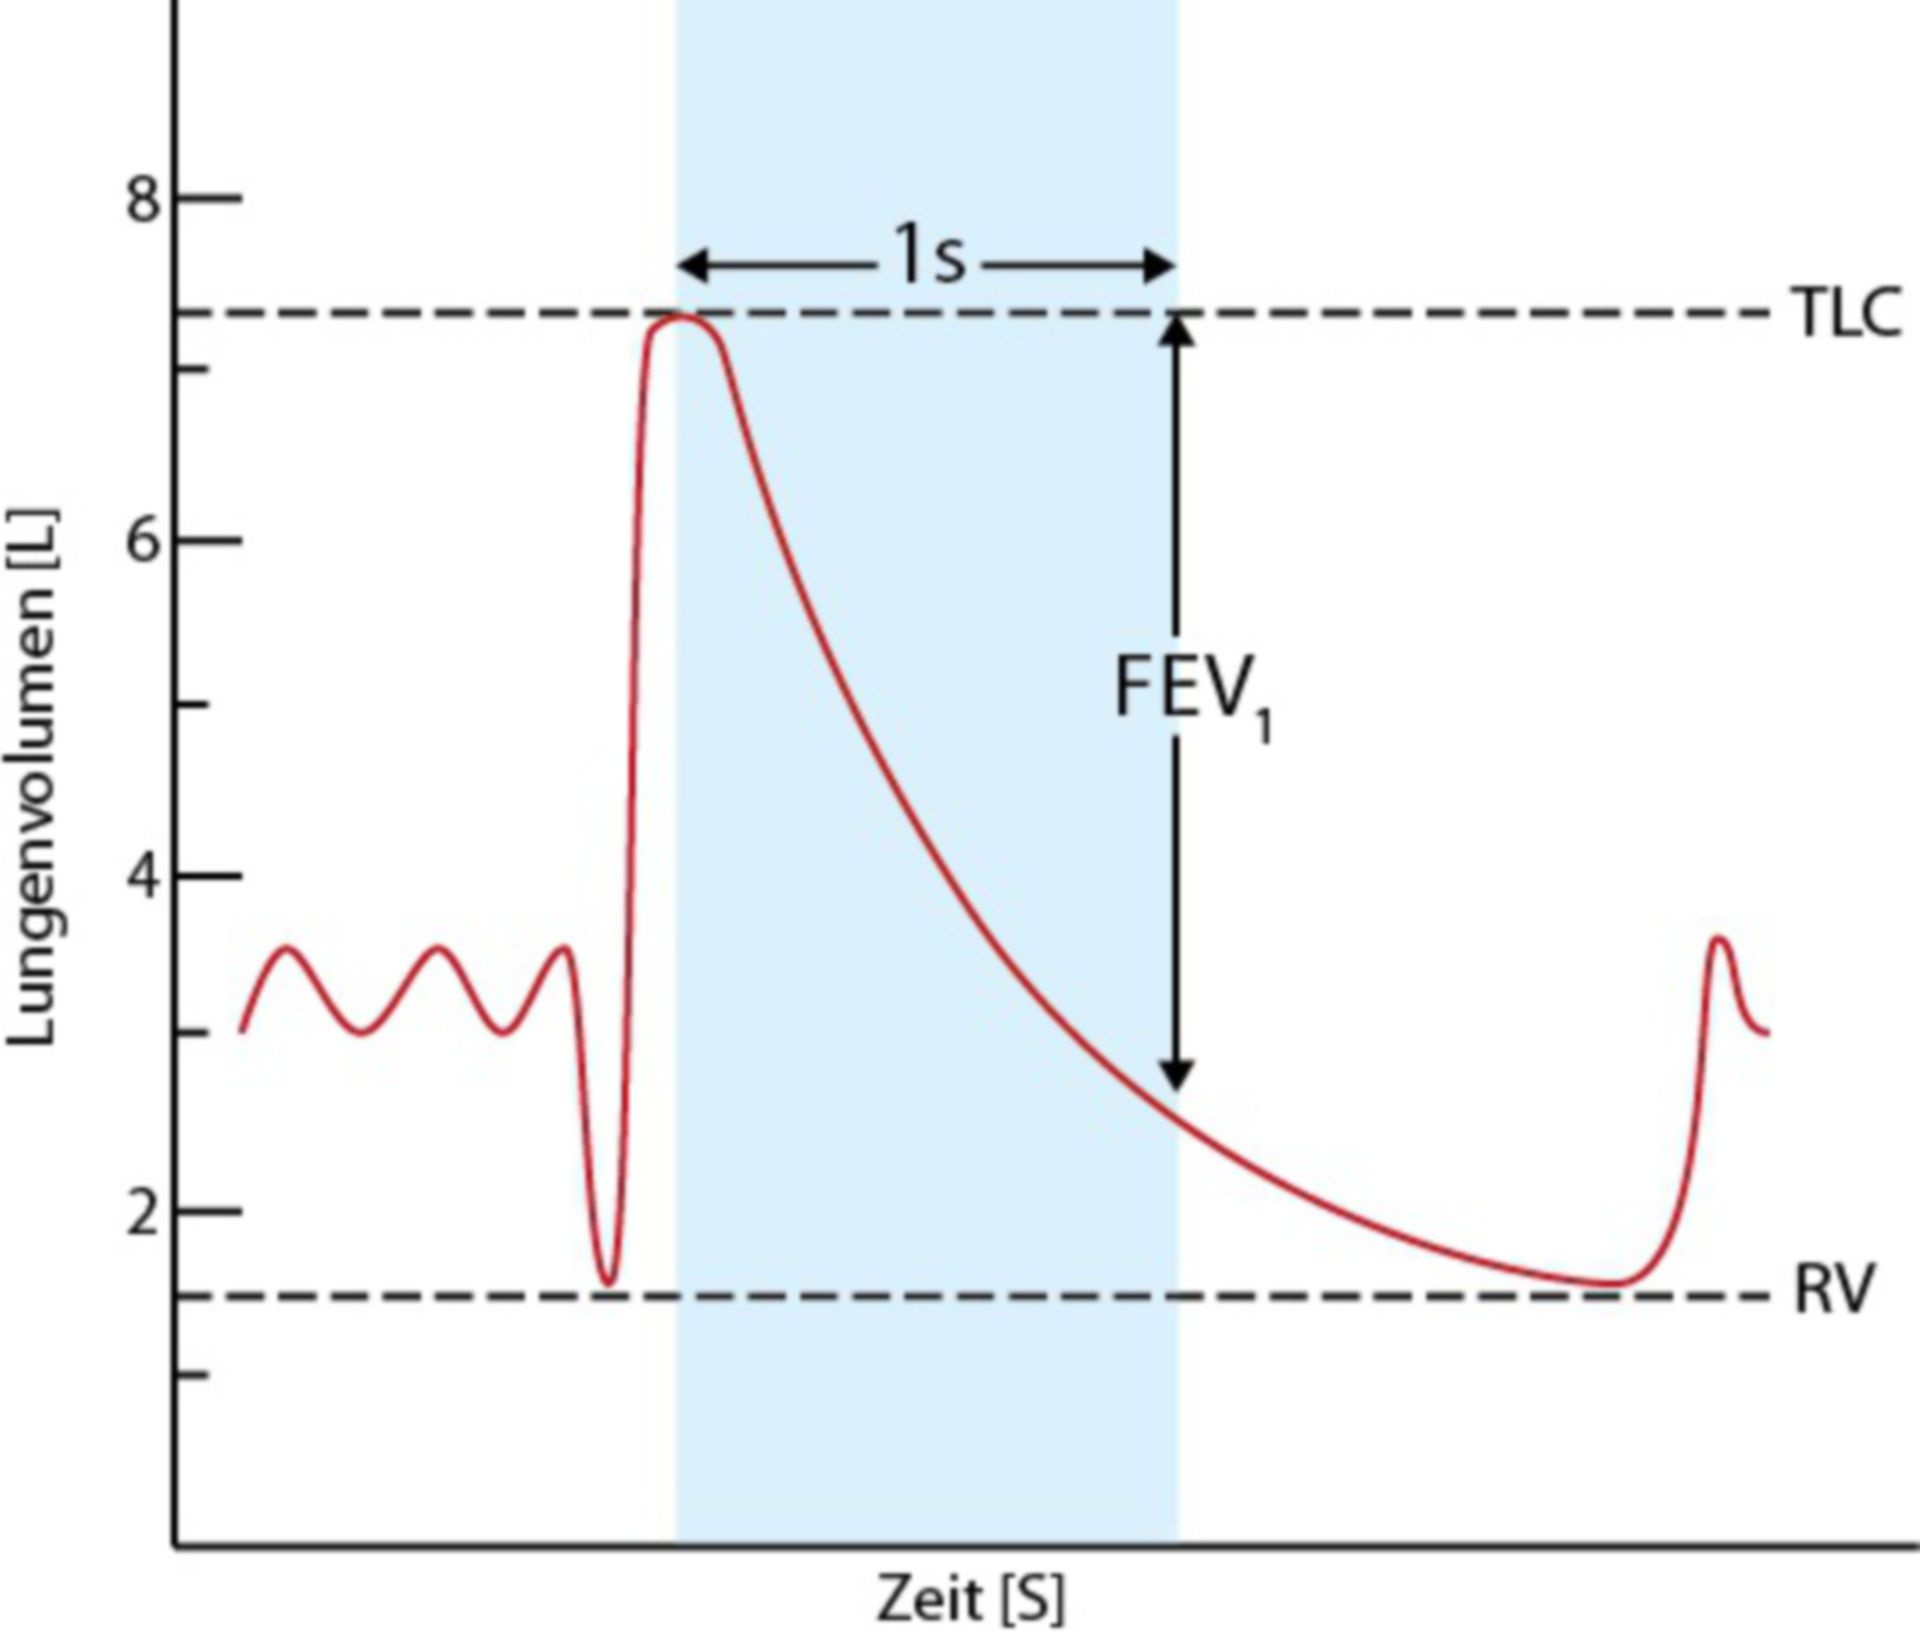 Lunge Tiffeneau-Test (FEV1)